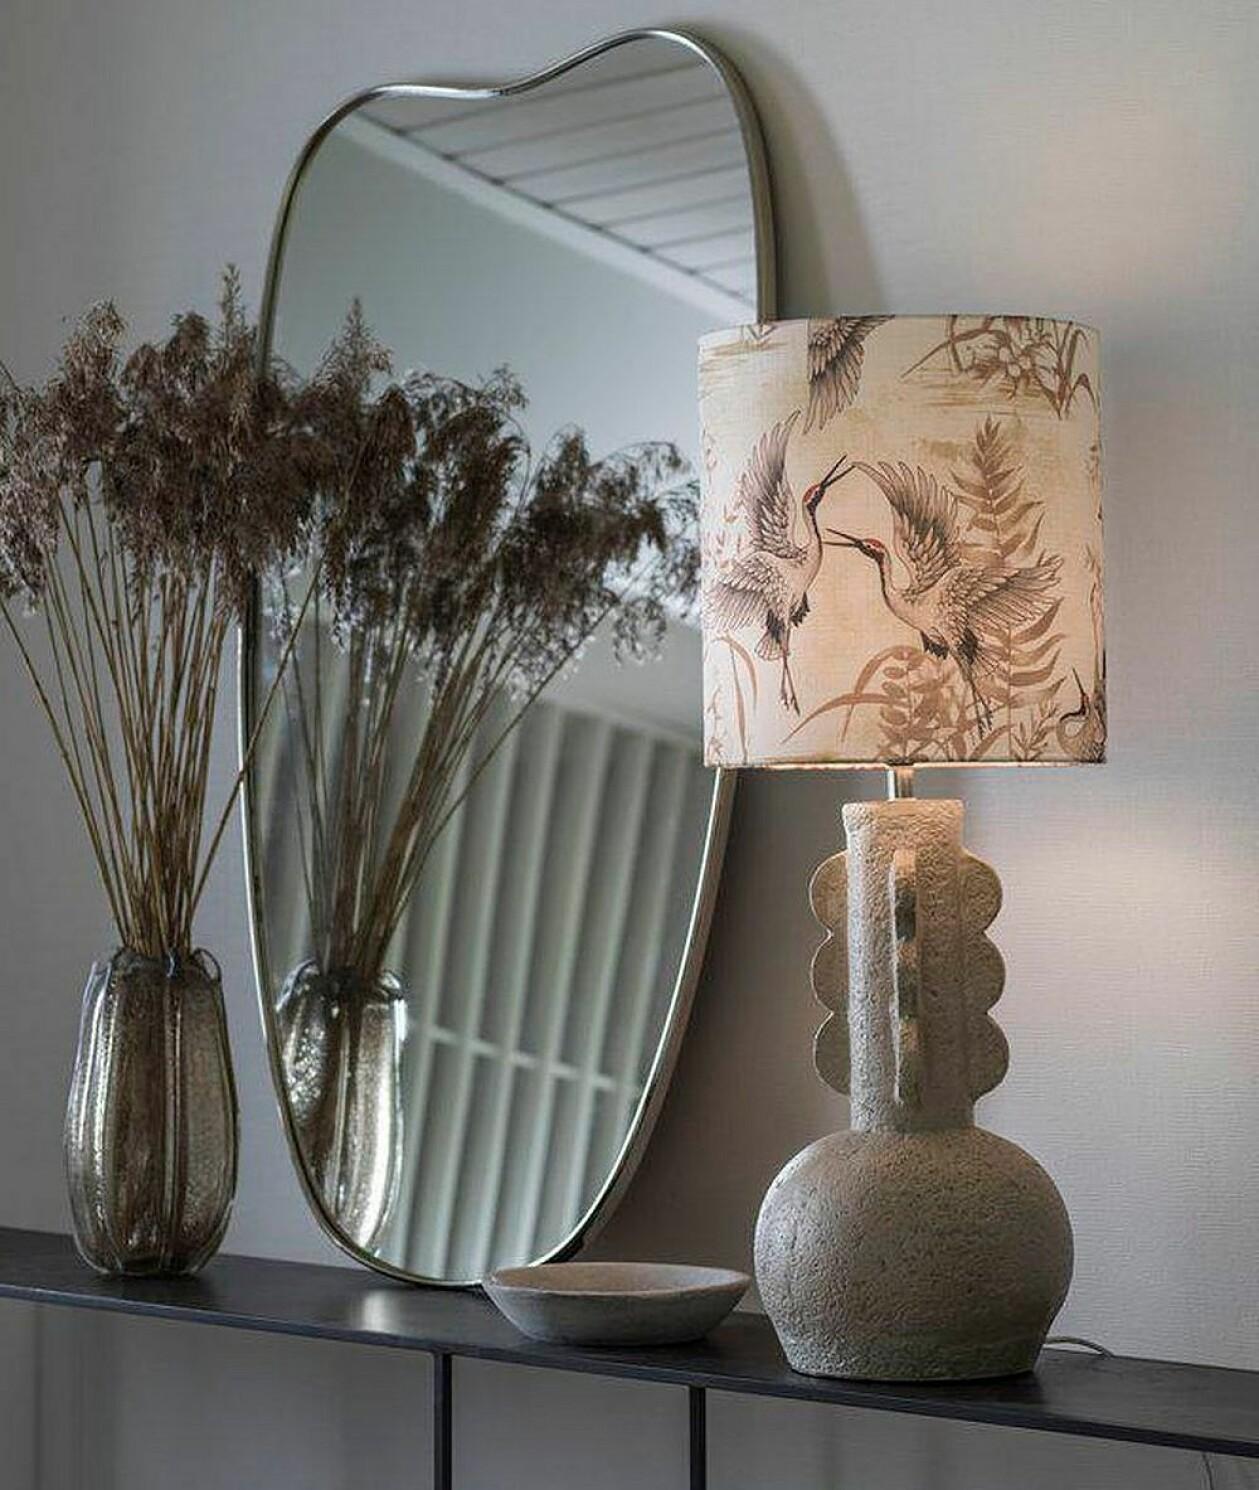 Lampa från PR Home.